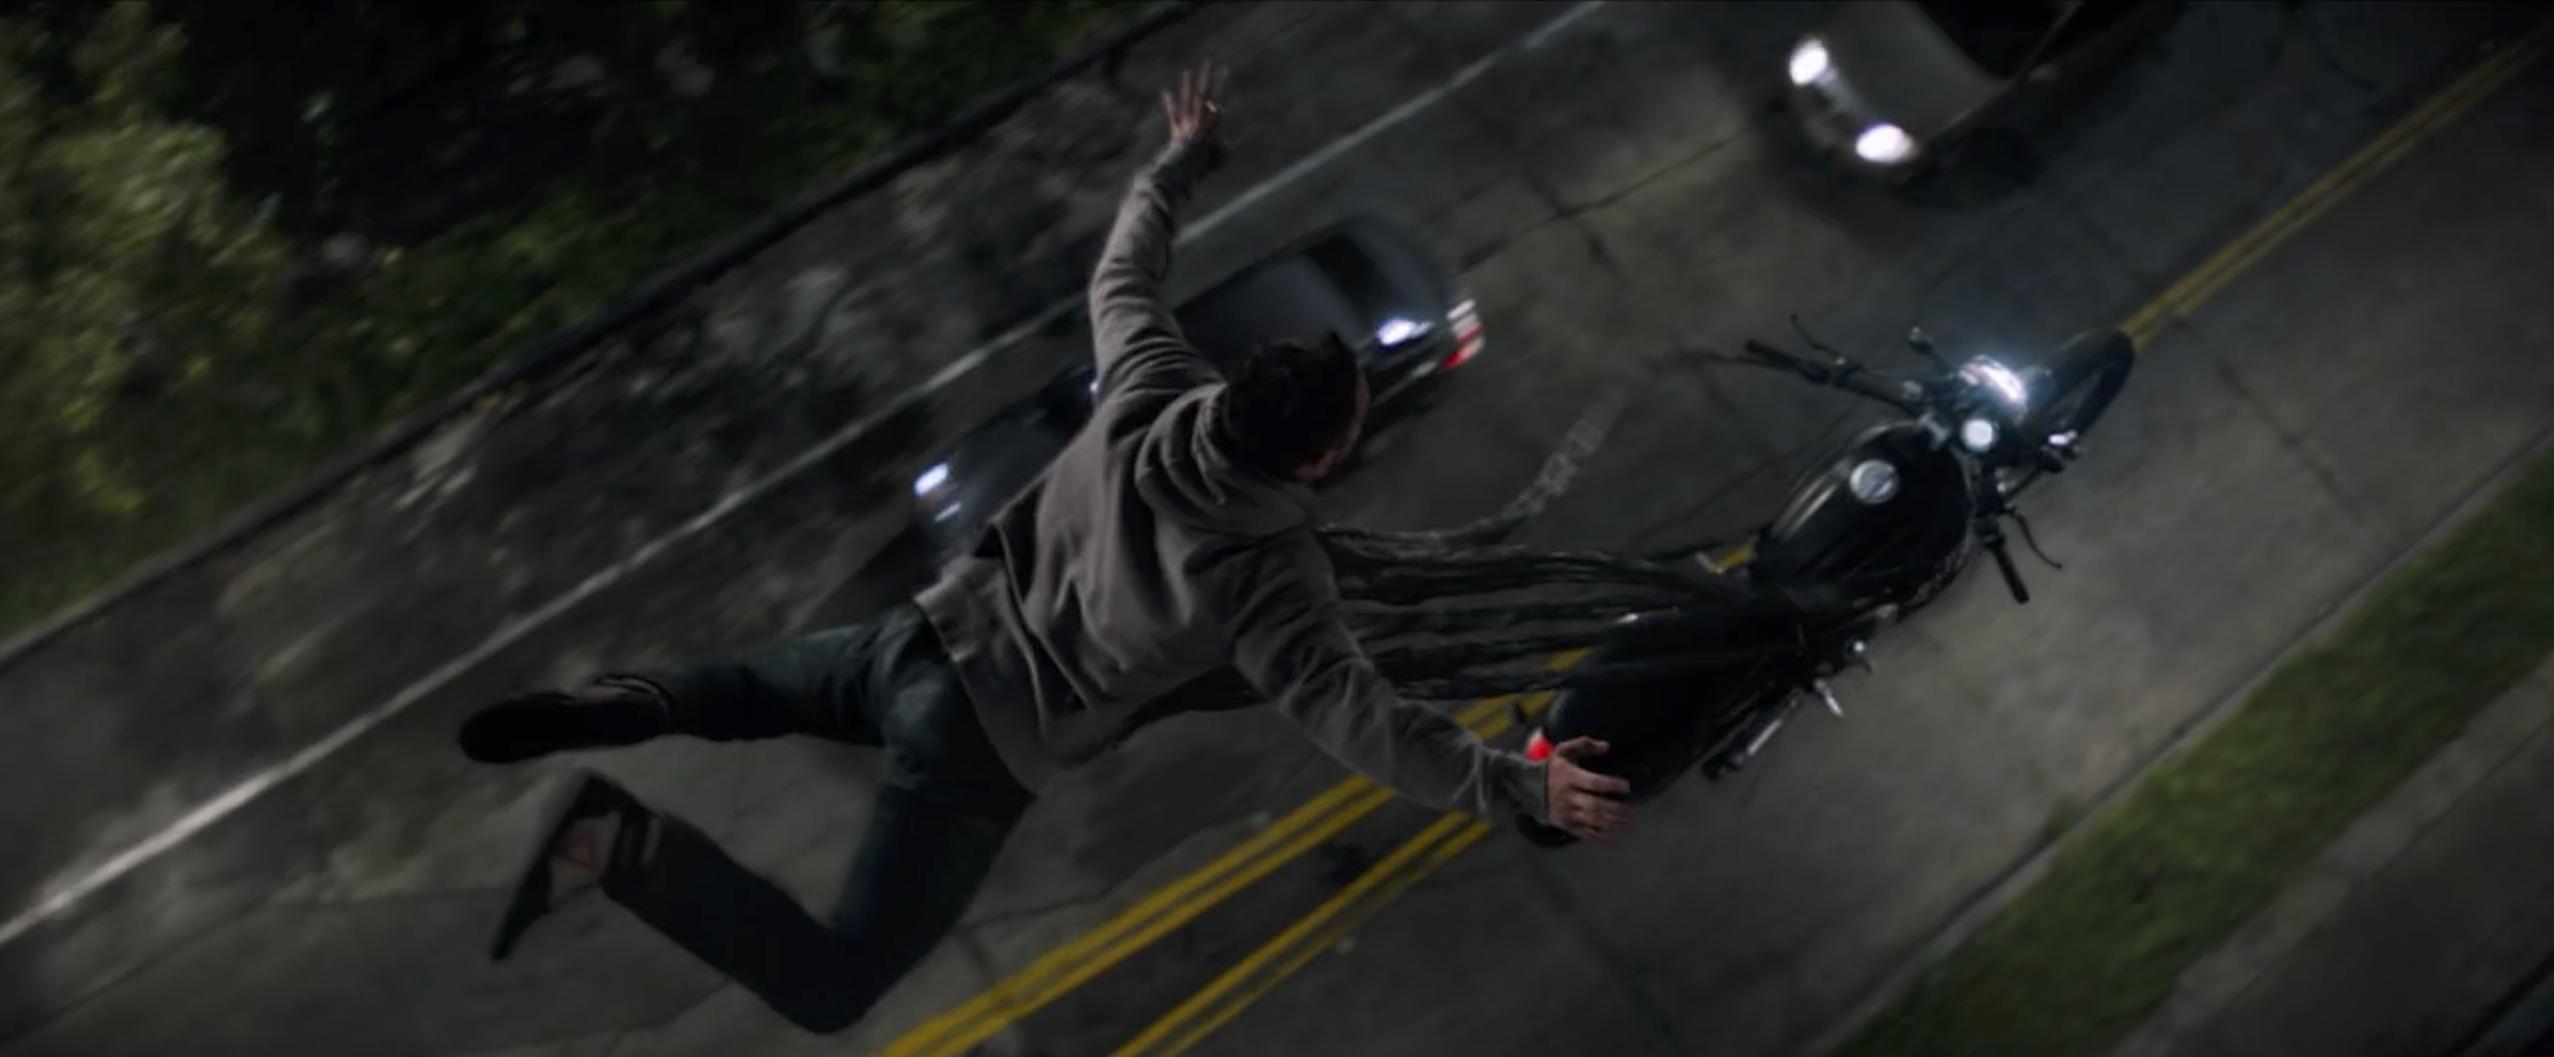 venom tom hardy flying above motorcycle